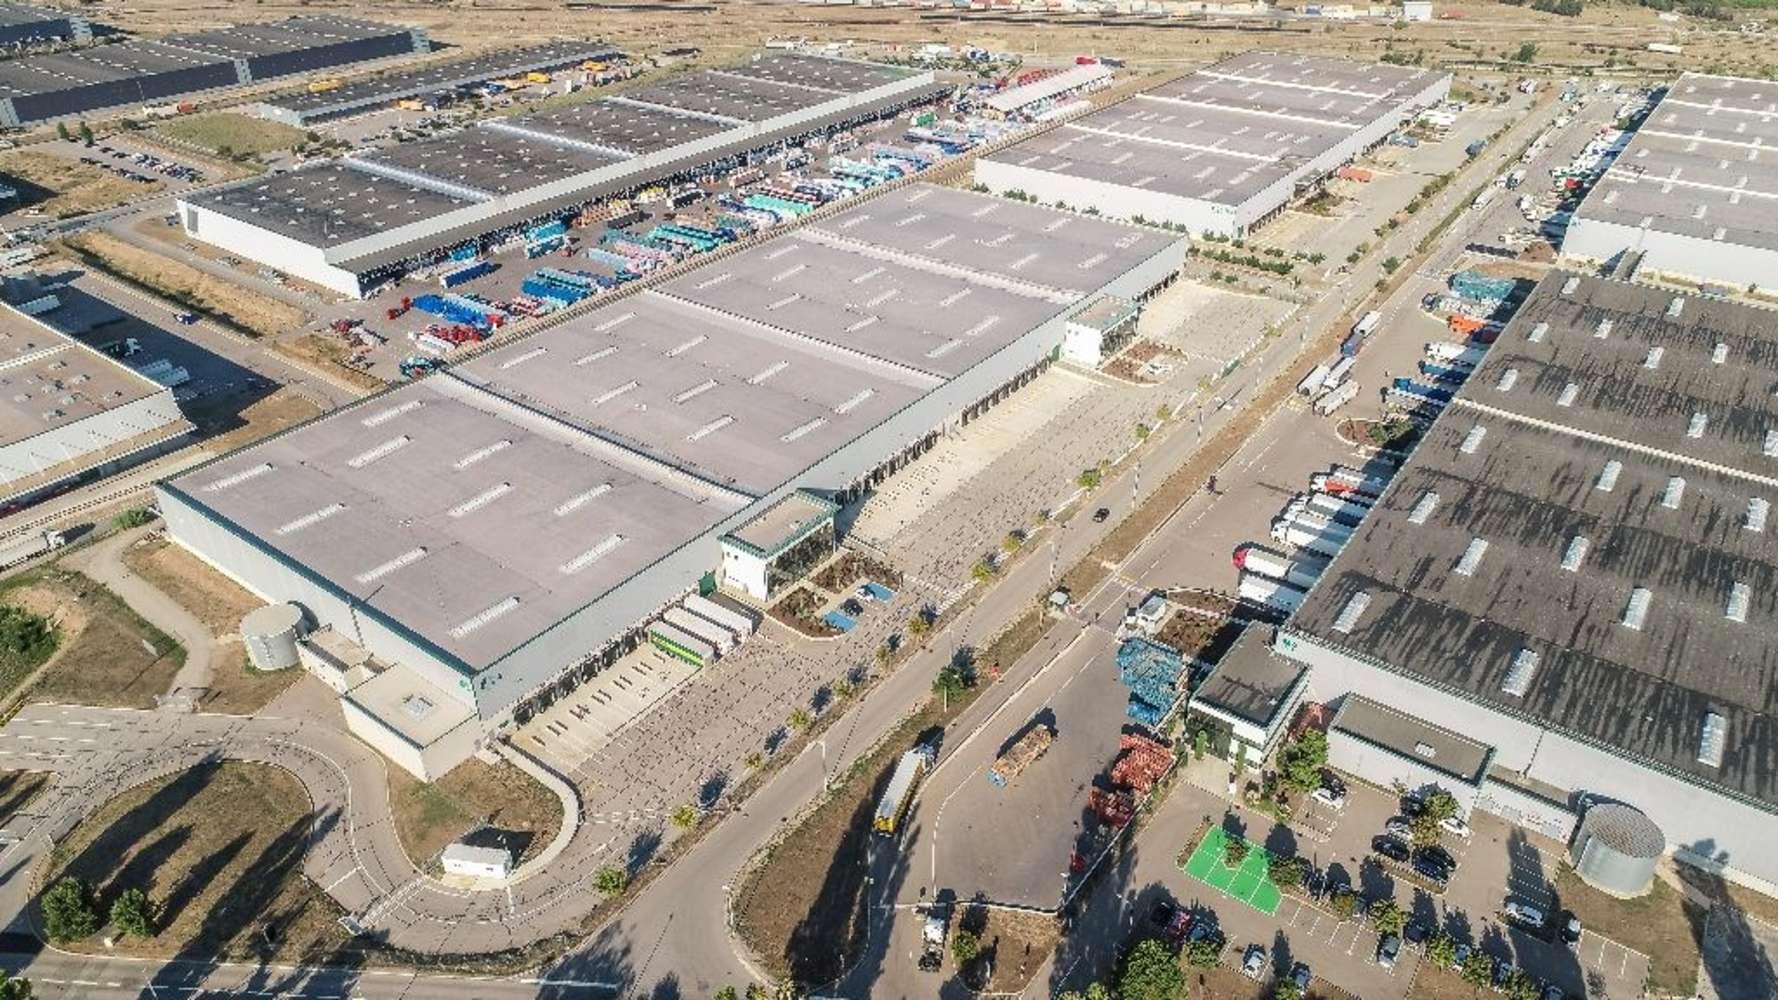 Plateformes logistiques Miramas, 13140 - Location entrepot Marseille - Logistique - 9772020